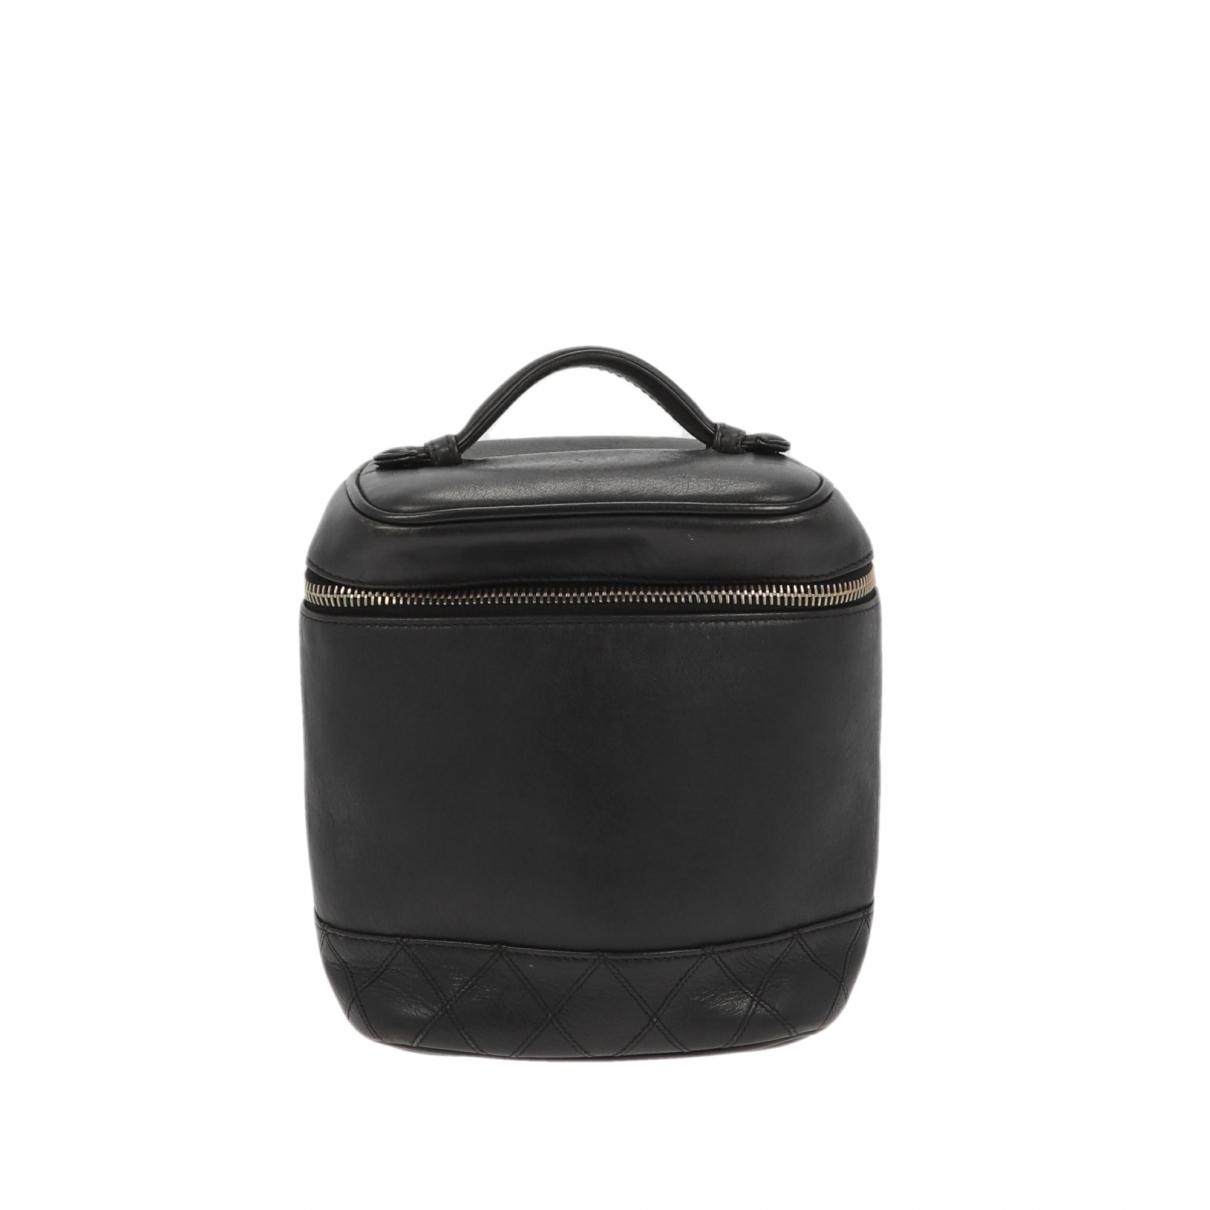 Bolso de viaje de Cuero Chanel